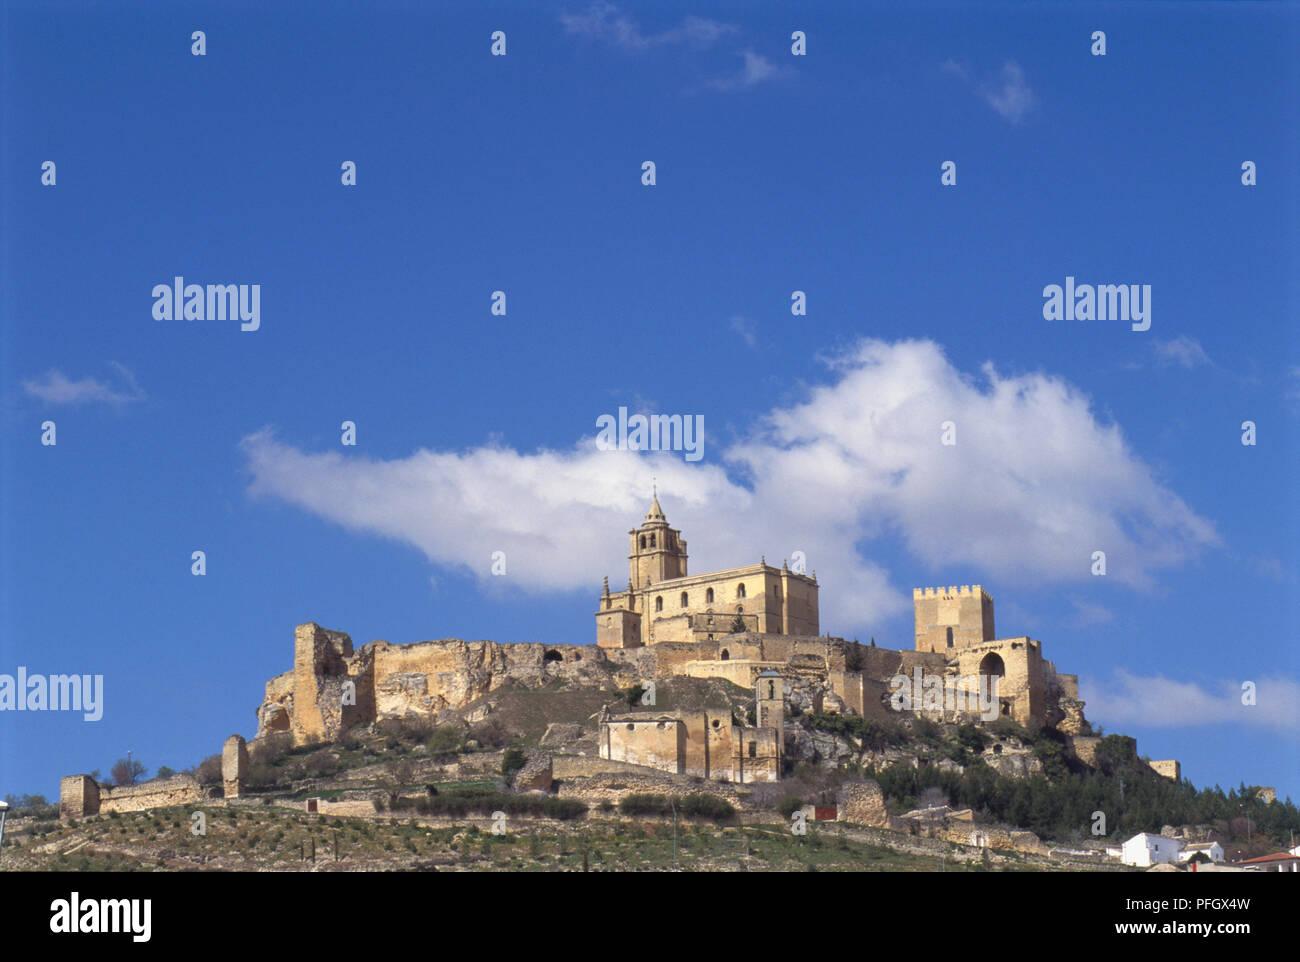 Spain Andalusia Moorish Castillo De La Mota Castle And Ruined